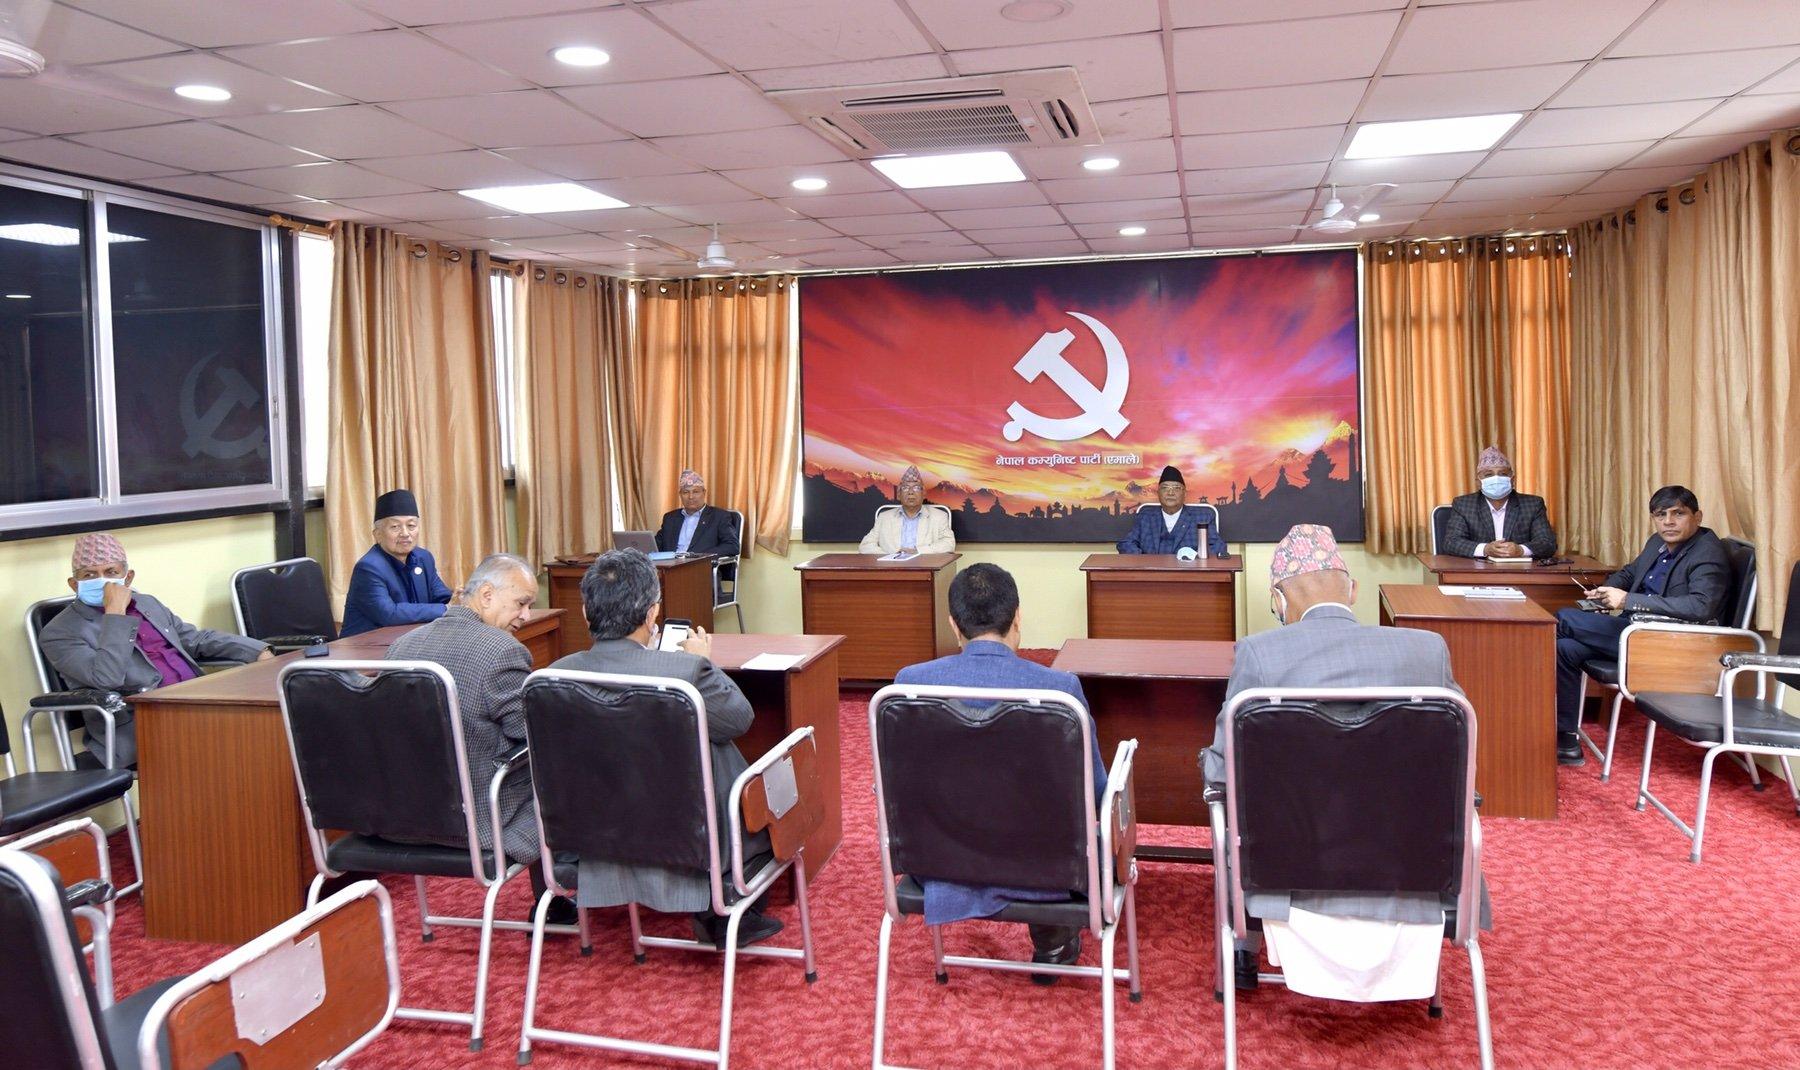 केपि  र नेपाल पक्ष बैठक सकियो नेपाल पक्षले भन्यो- २८ गतेको निर्णय मान्दैनौं